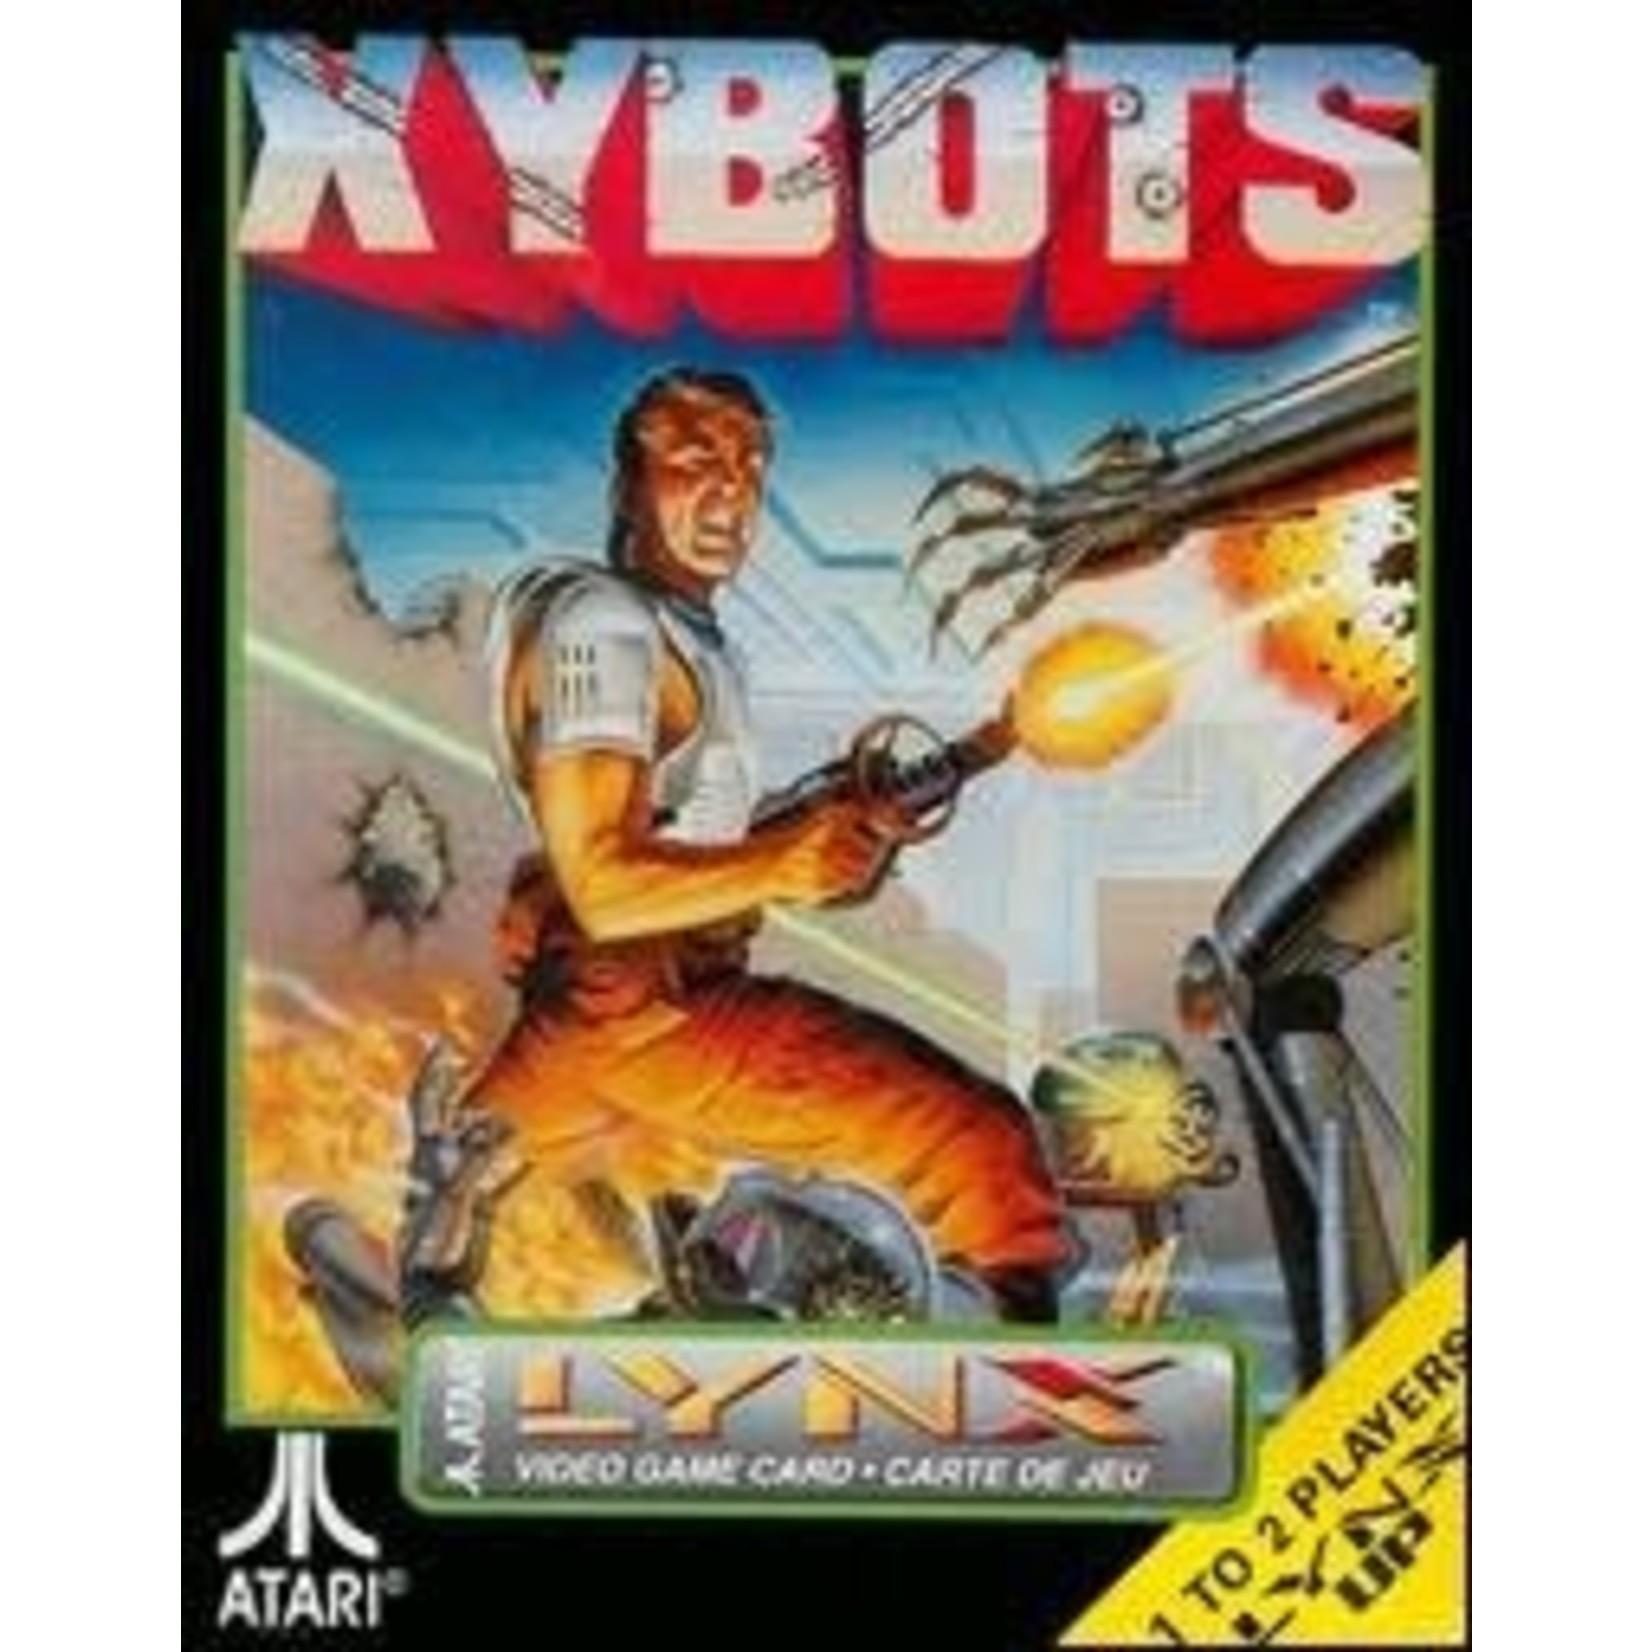 lynxu-XYBOTS (IN BOX)